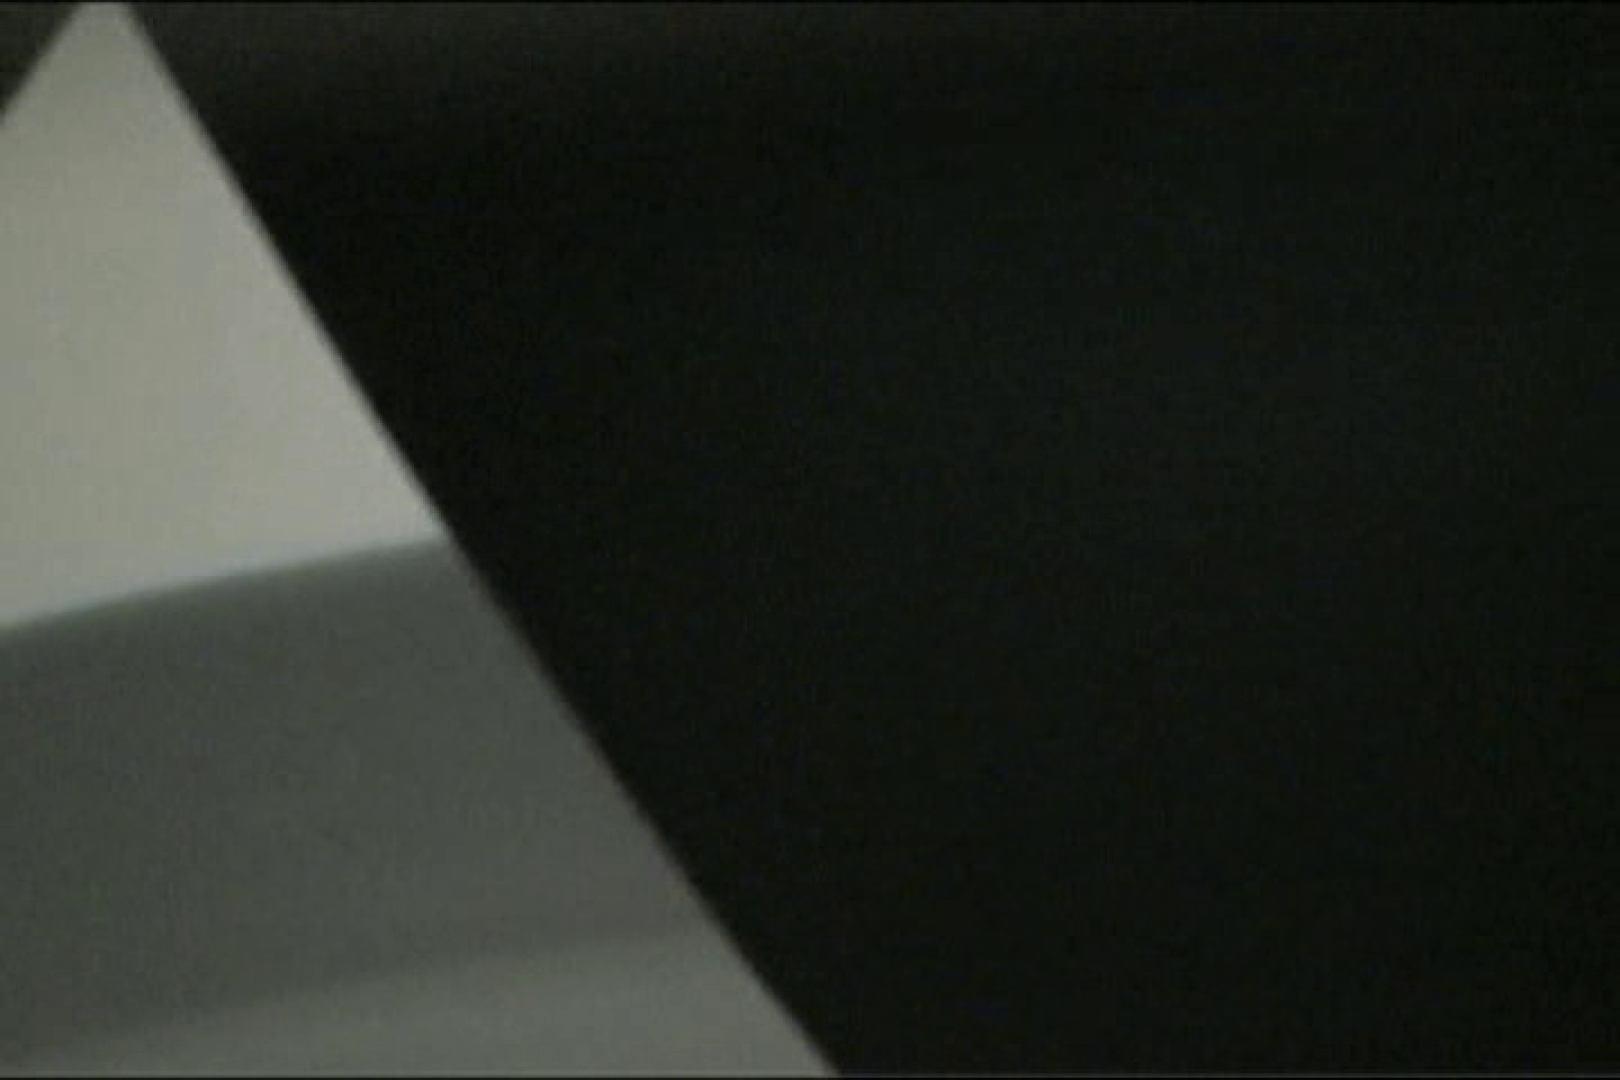 マンコ丸見え女子洗面所Vol.18 エロティックなOL  84画像 45